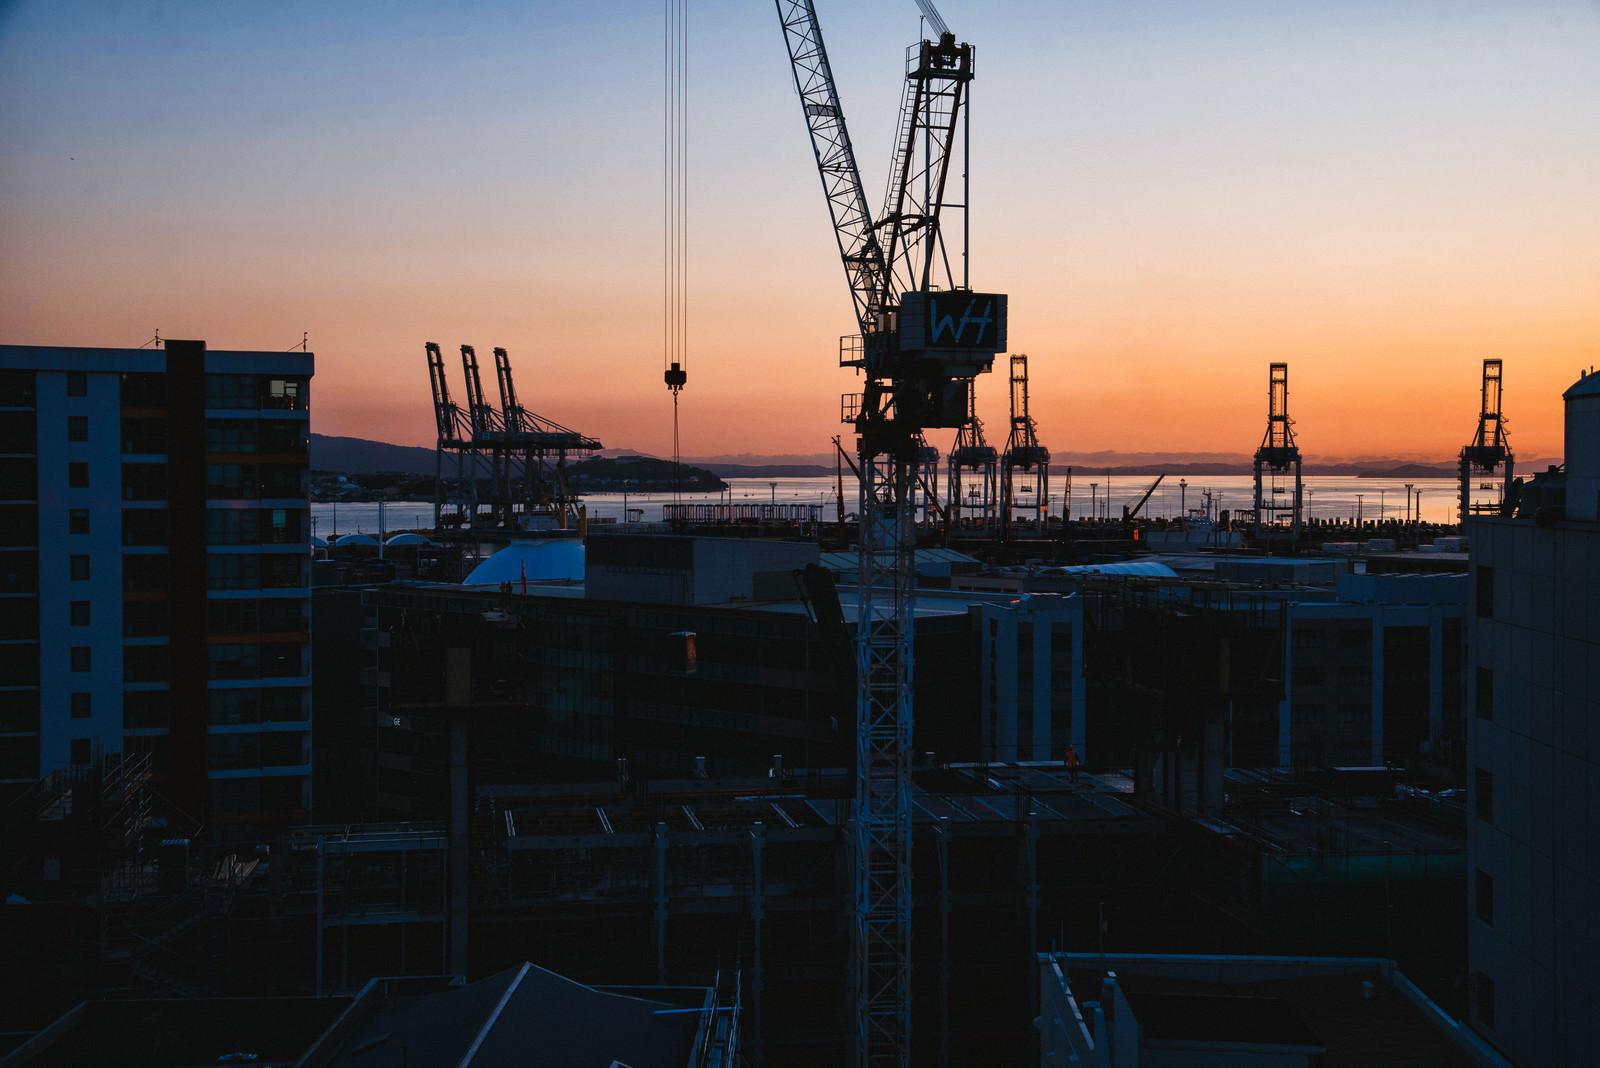 「オークランドの朝焼けと港のクレーン(ニュージーランド)」の写真